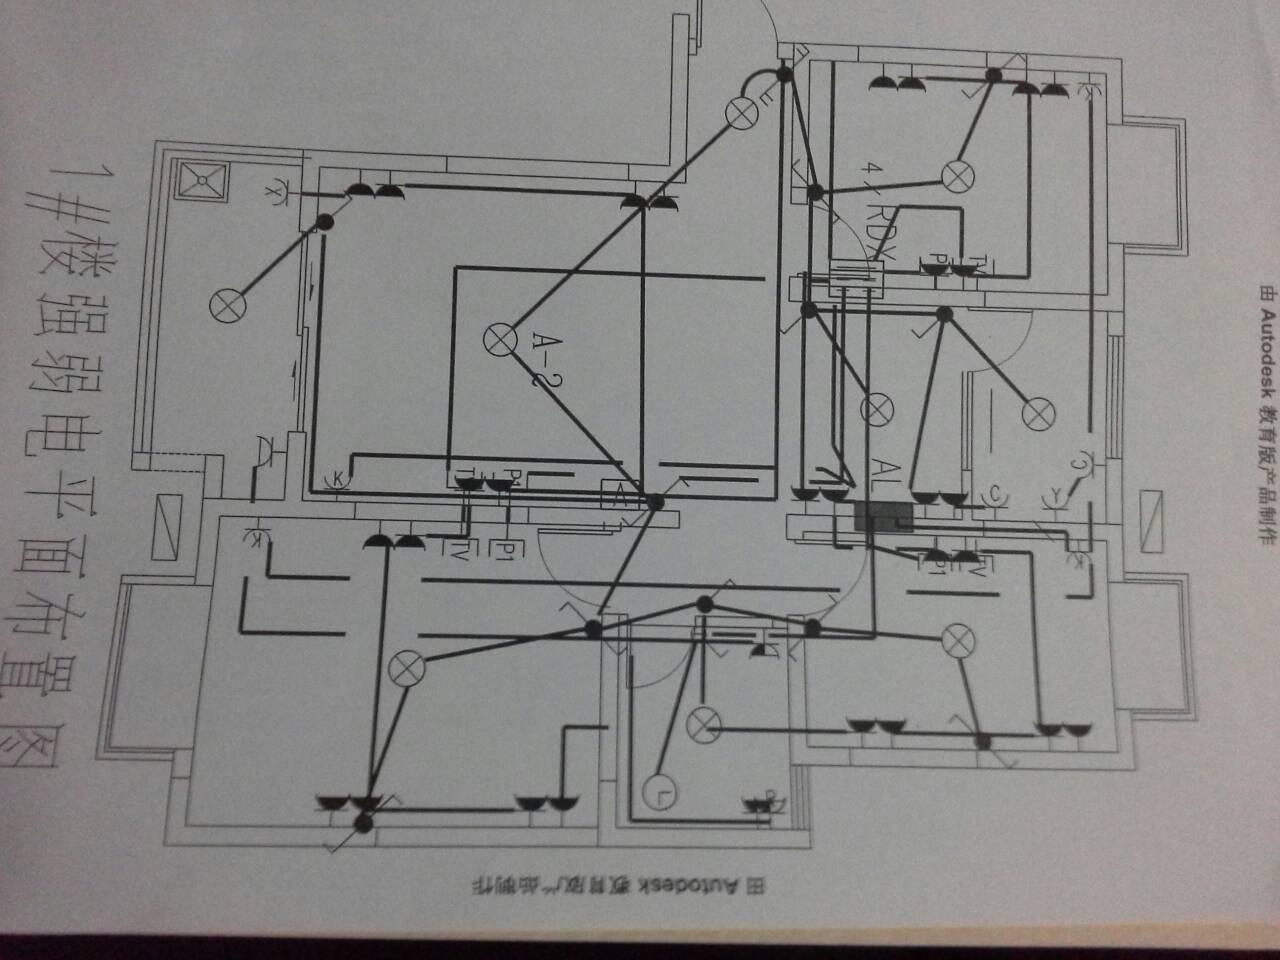 楼房电路平面图中的符号分别表示什么?